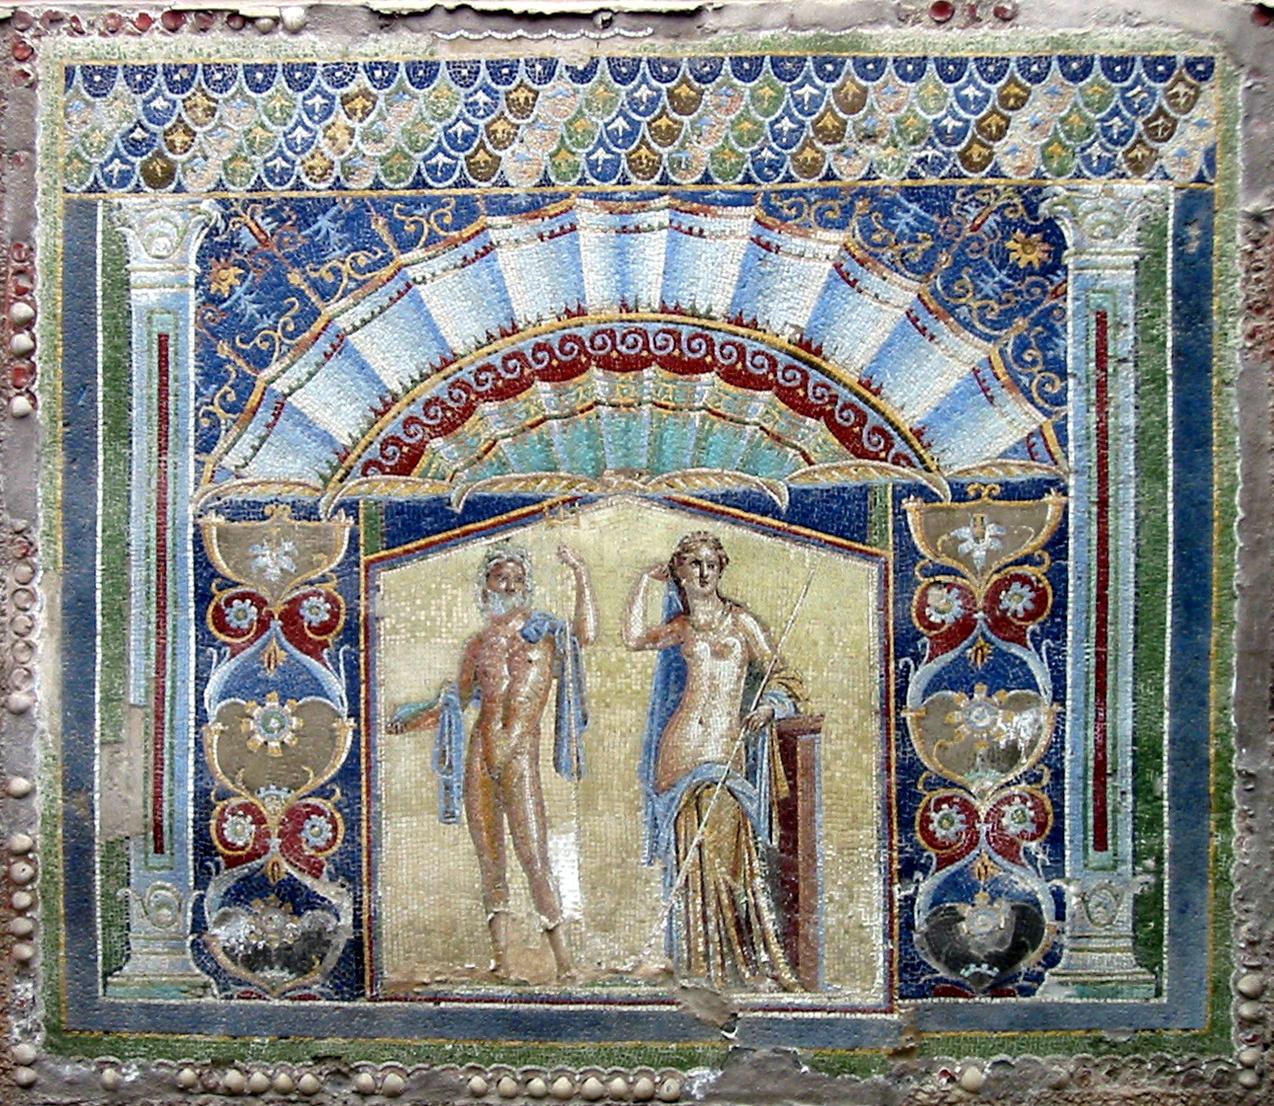 [Image: Herculaneum_Neptune_And_Amphitrite.jpg]